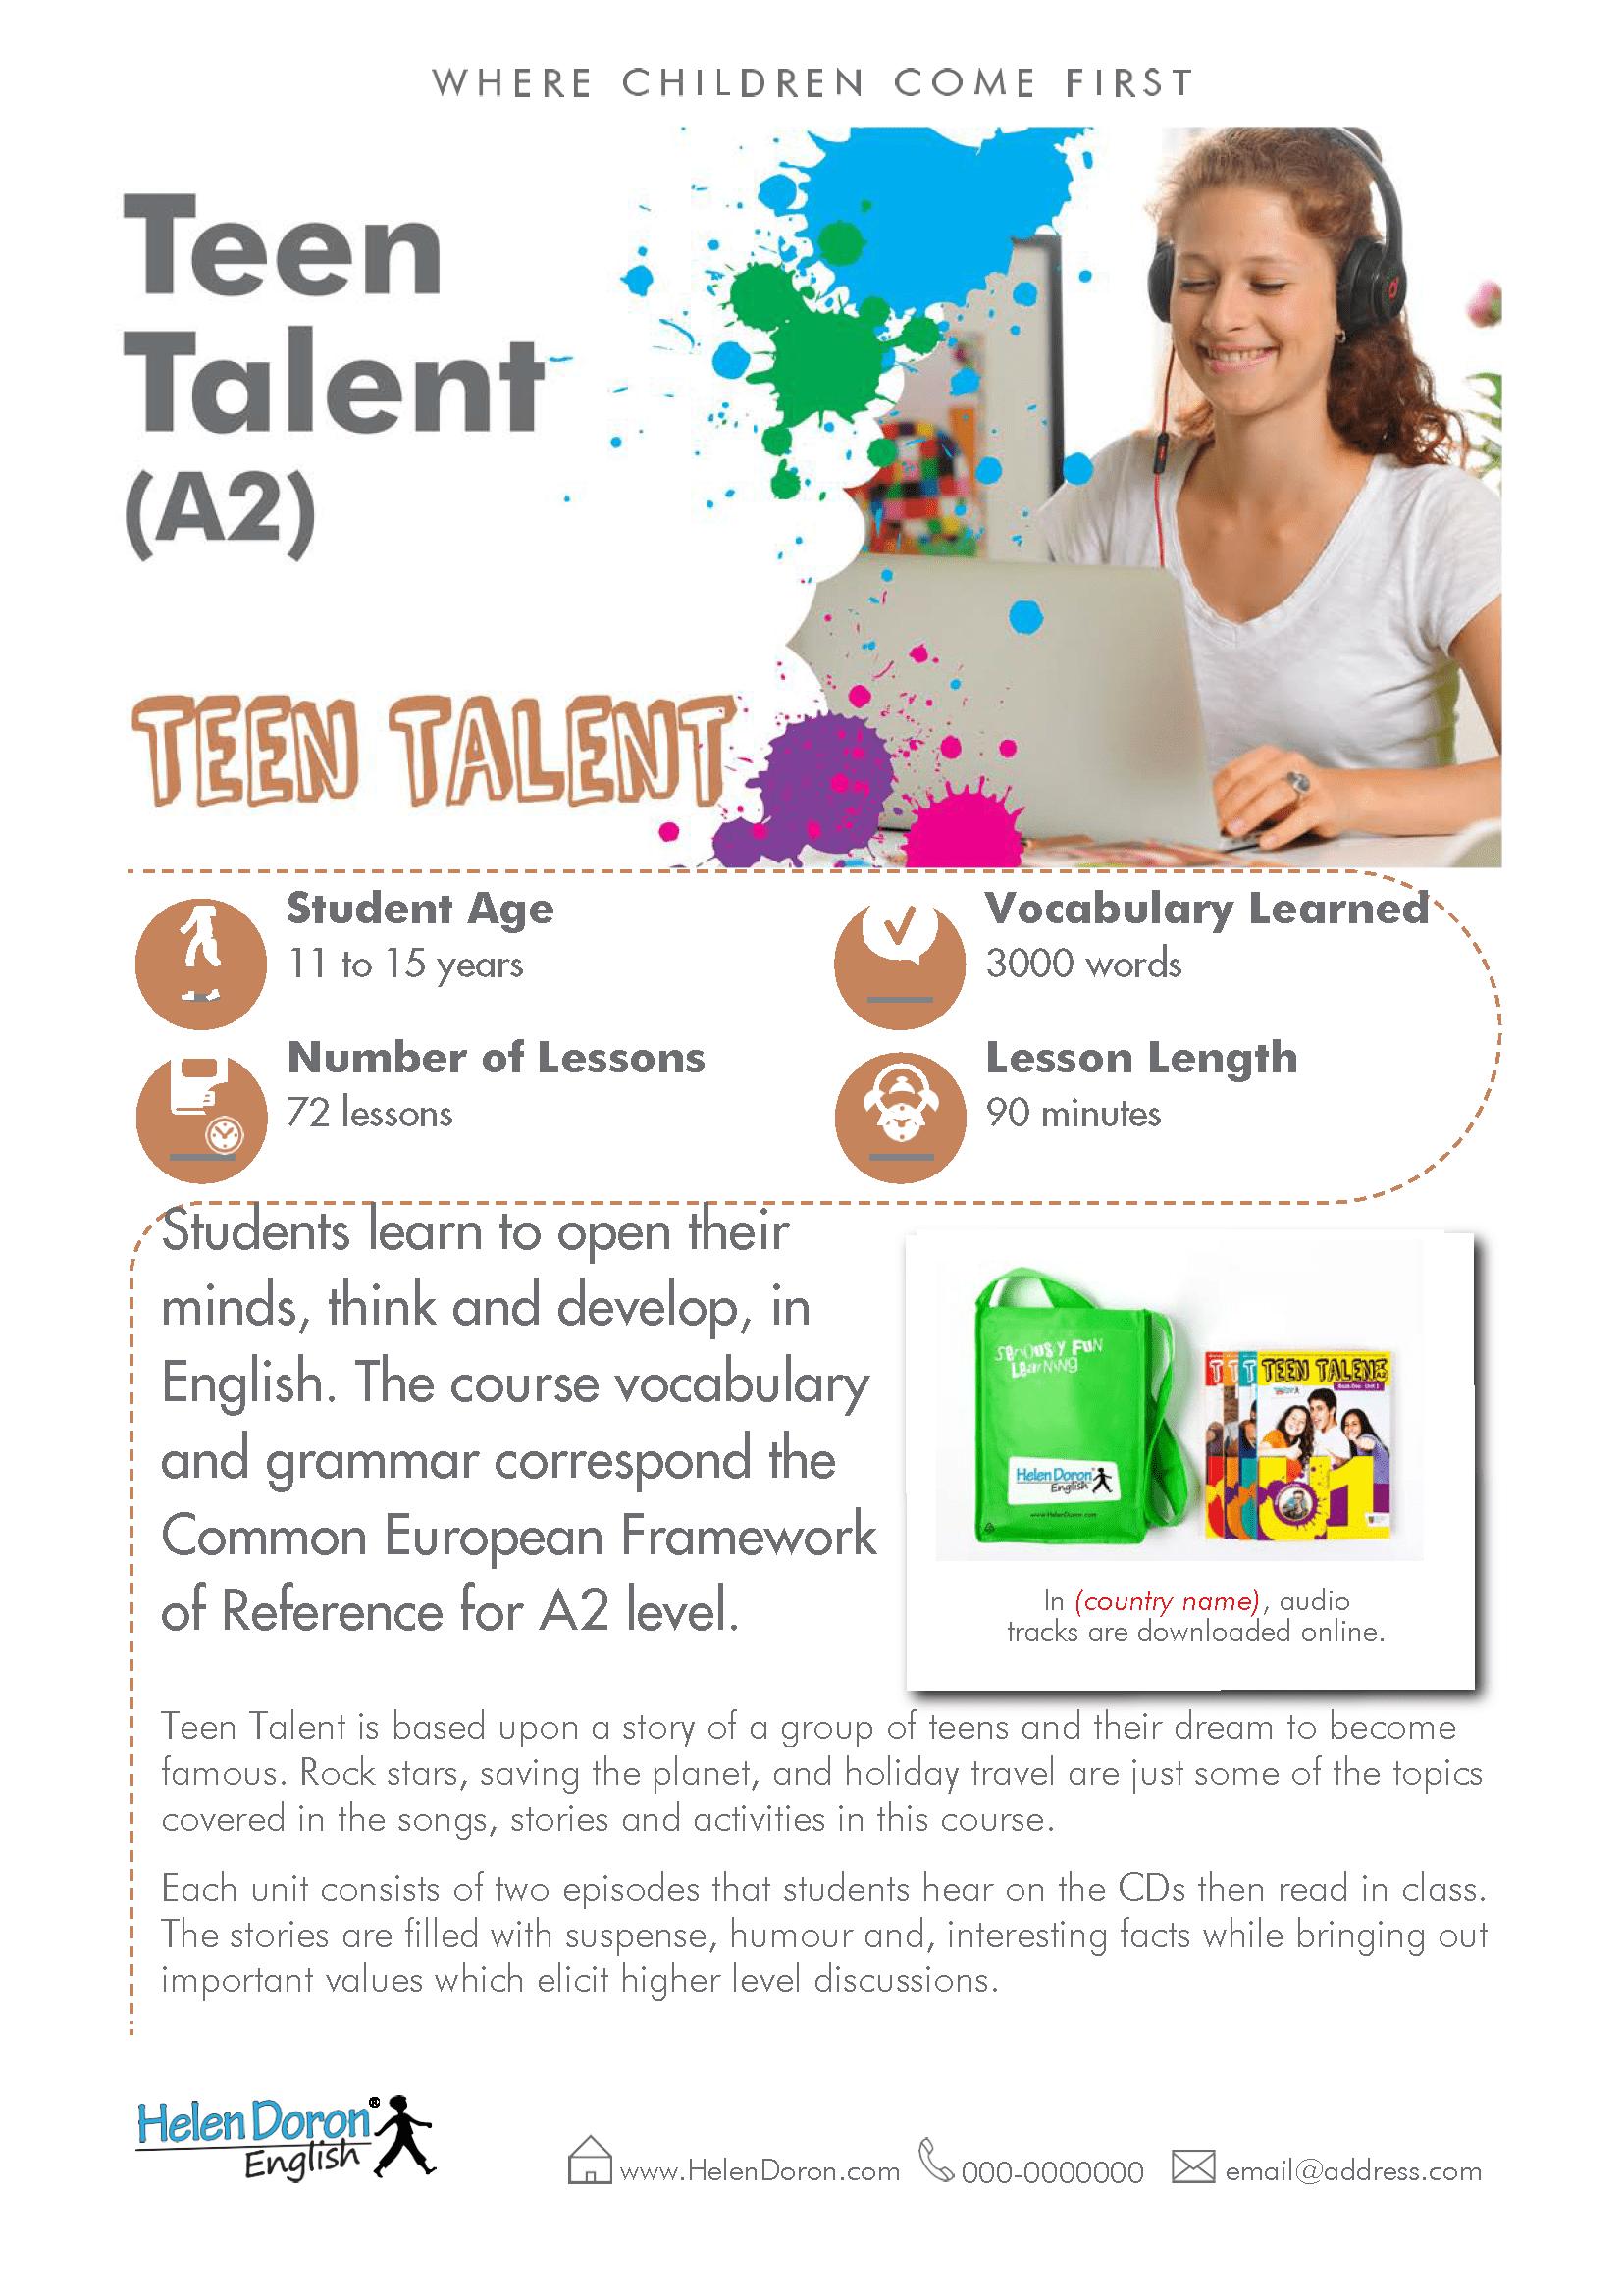 Descargar - Teen Talent (A2)